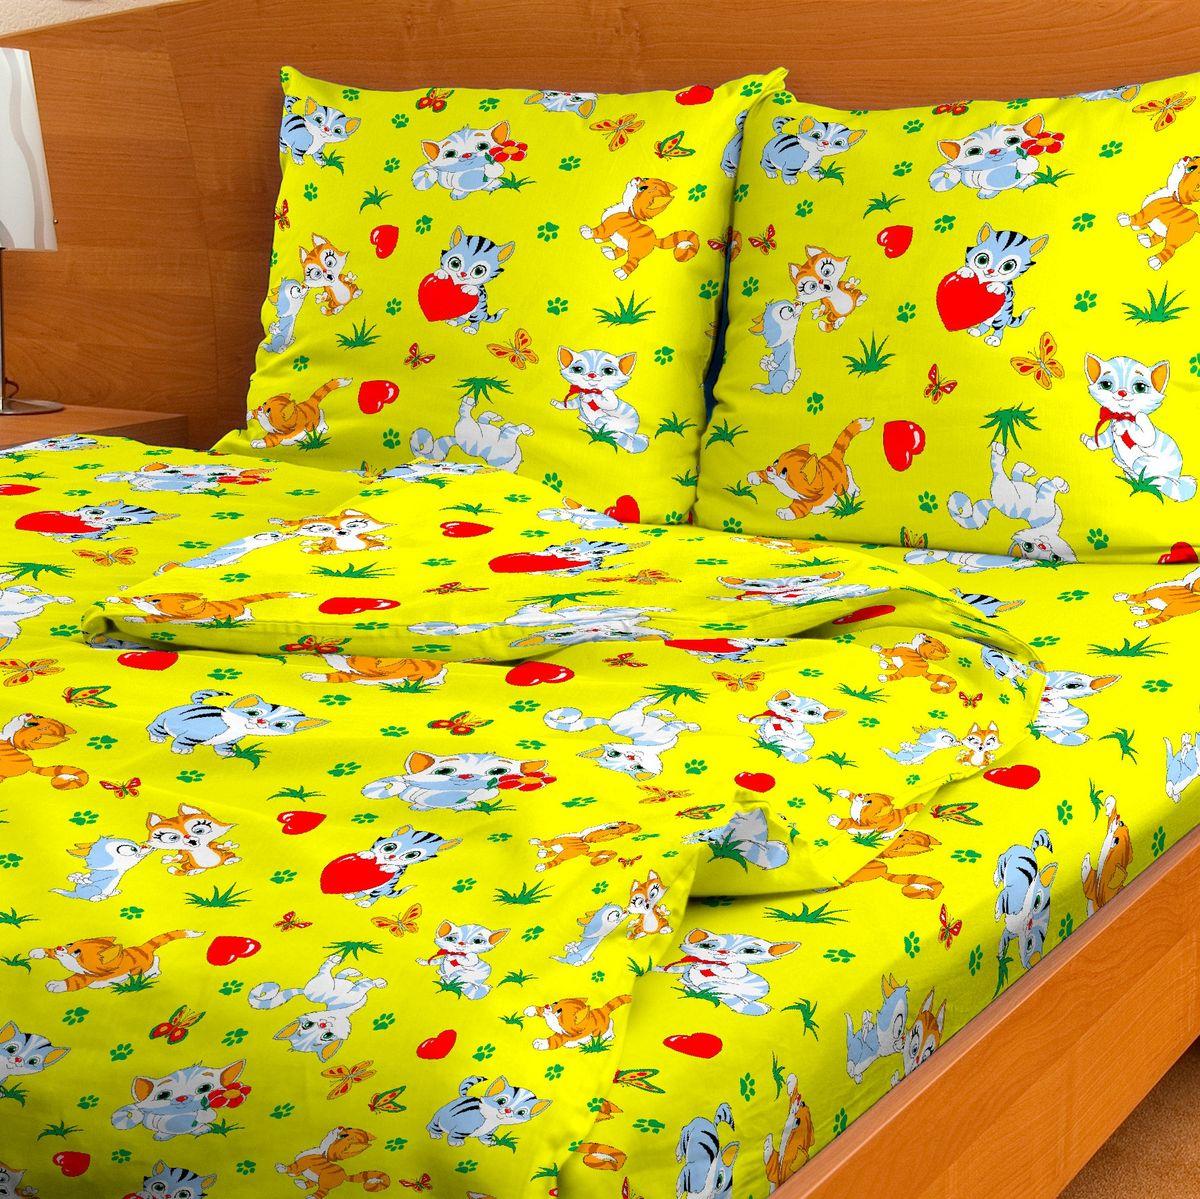 Letto Комплект белья для новорожденных Ясли BGR-30BGR-30Комплект постельного белья в кроватку с простыней на резинке в хлопковом исполнении и с хорошими устойчивыми красителями - по очень доступной цене! Эта модель произведена из традиционной российский бязи, плотного плетения. Такое белье прослужит долго и выдержит много стирок. Рекомендуется перед первым использованием постирать, но не пересушивать. Размер: пододеяльник 145*110,простыня 60*120 высота 20 см, резинка целиком по периметру. нав-ка 40*60. Рисунок на наволочке может отличаться от представленного на фото. Подлежит машинной стирке при температуре 30 гр., строго на деликатном режиме.